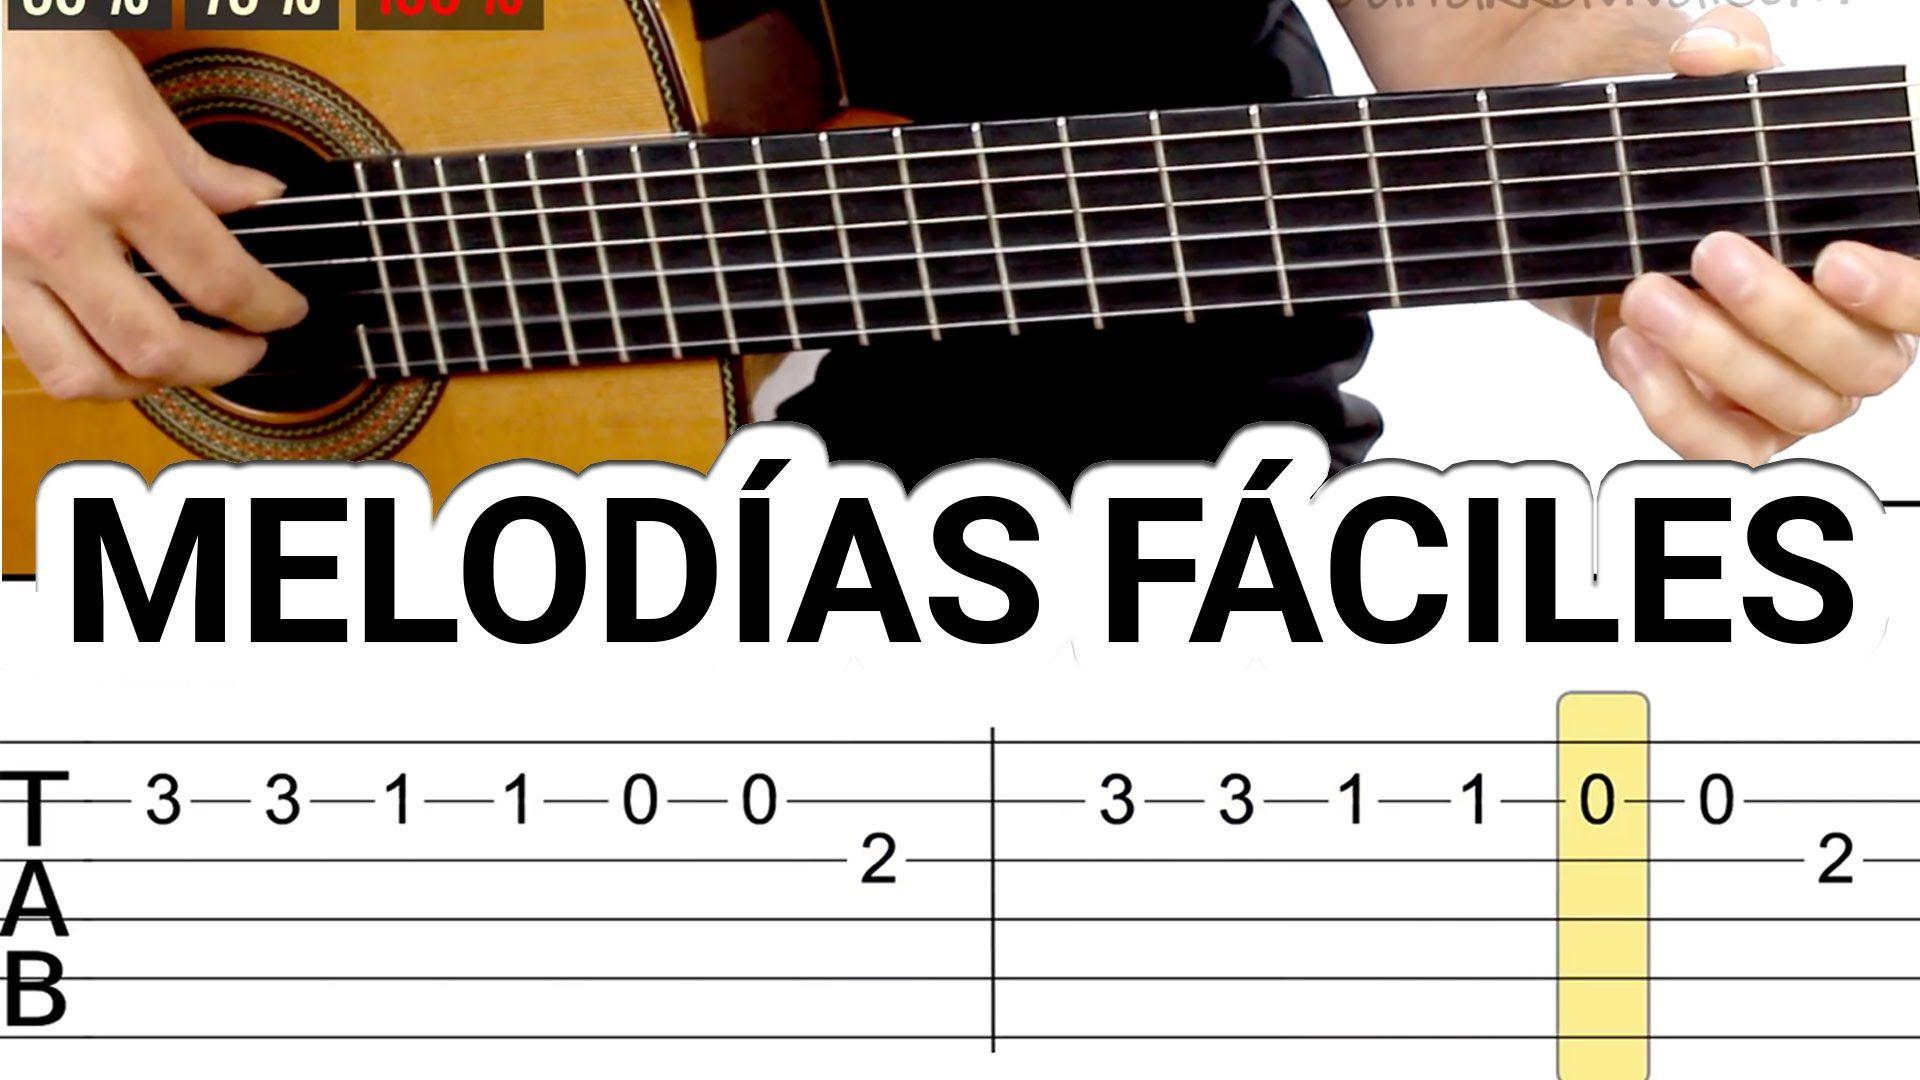 Melodías Y Canciones Para Guitarra Fáciles Tocar Guitarra Facil Canciones De Guitarra Tablaturas Guitarra Melodías